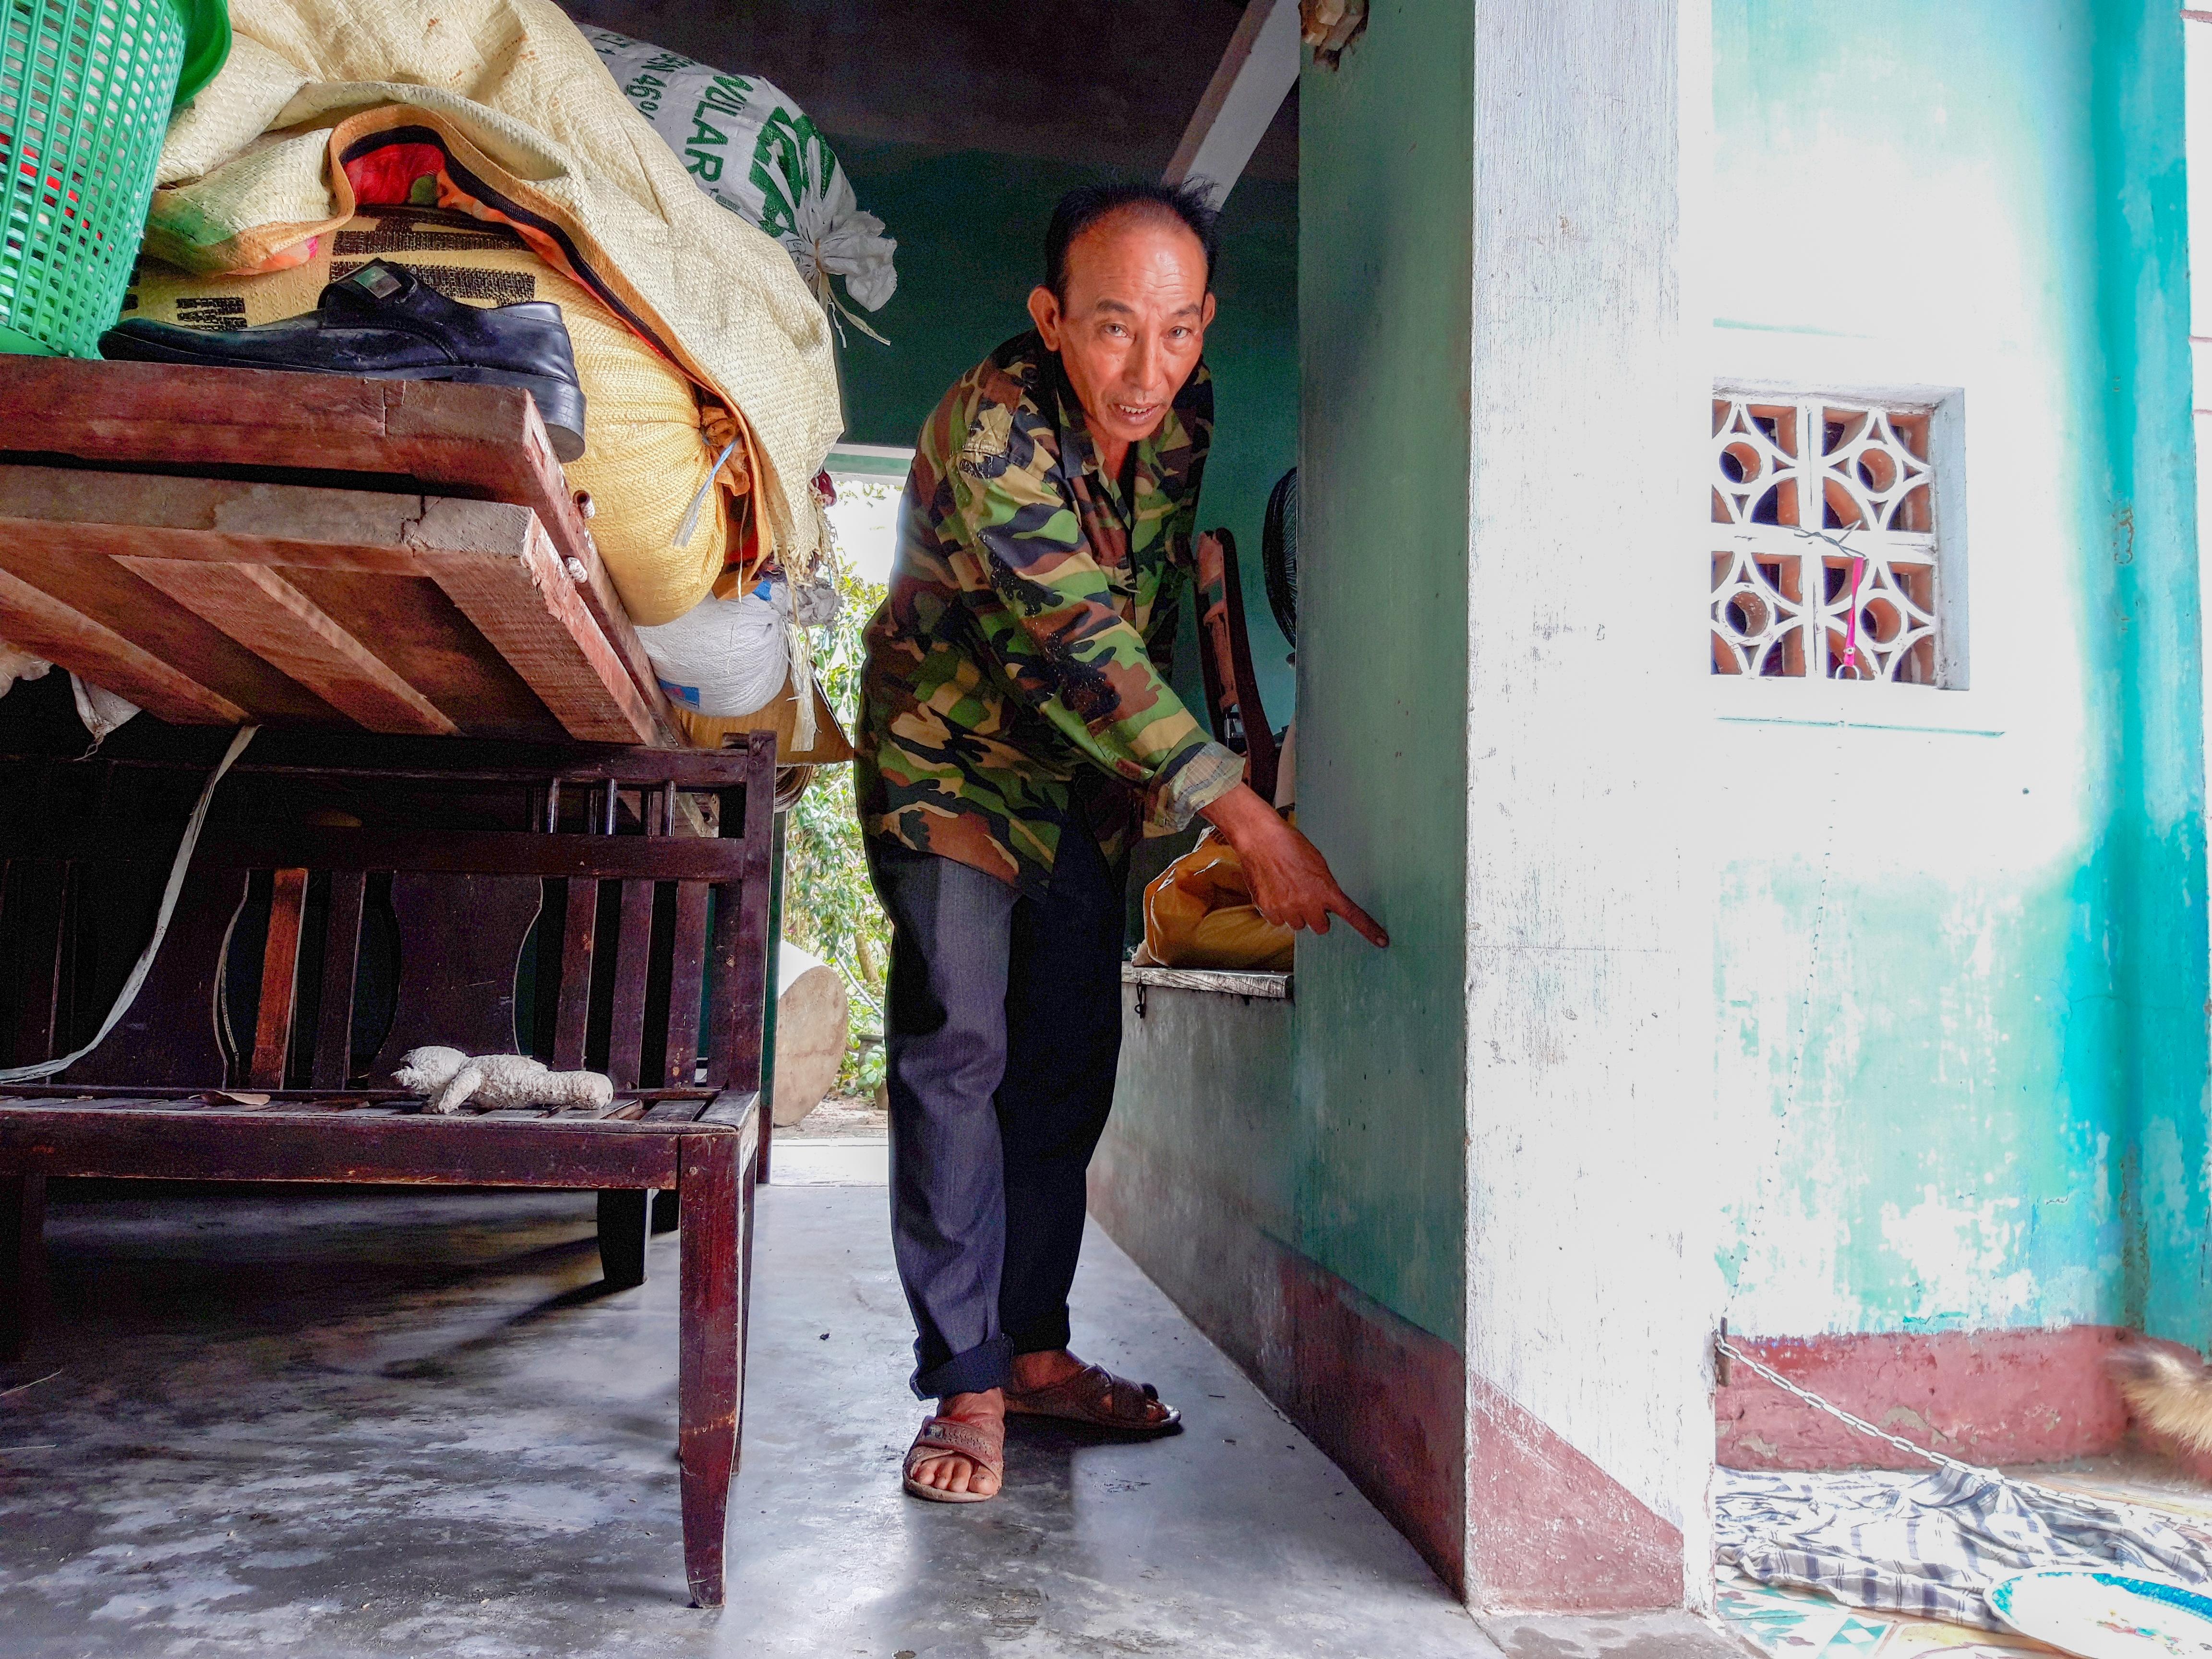 Nhiều nhà dân ở thôn Vân Tây lần đầu tiên bị ngập nước. Ảnh: HỒ QUÂN